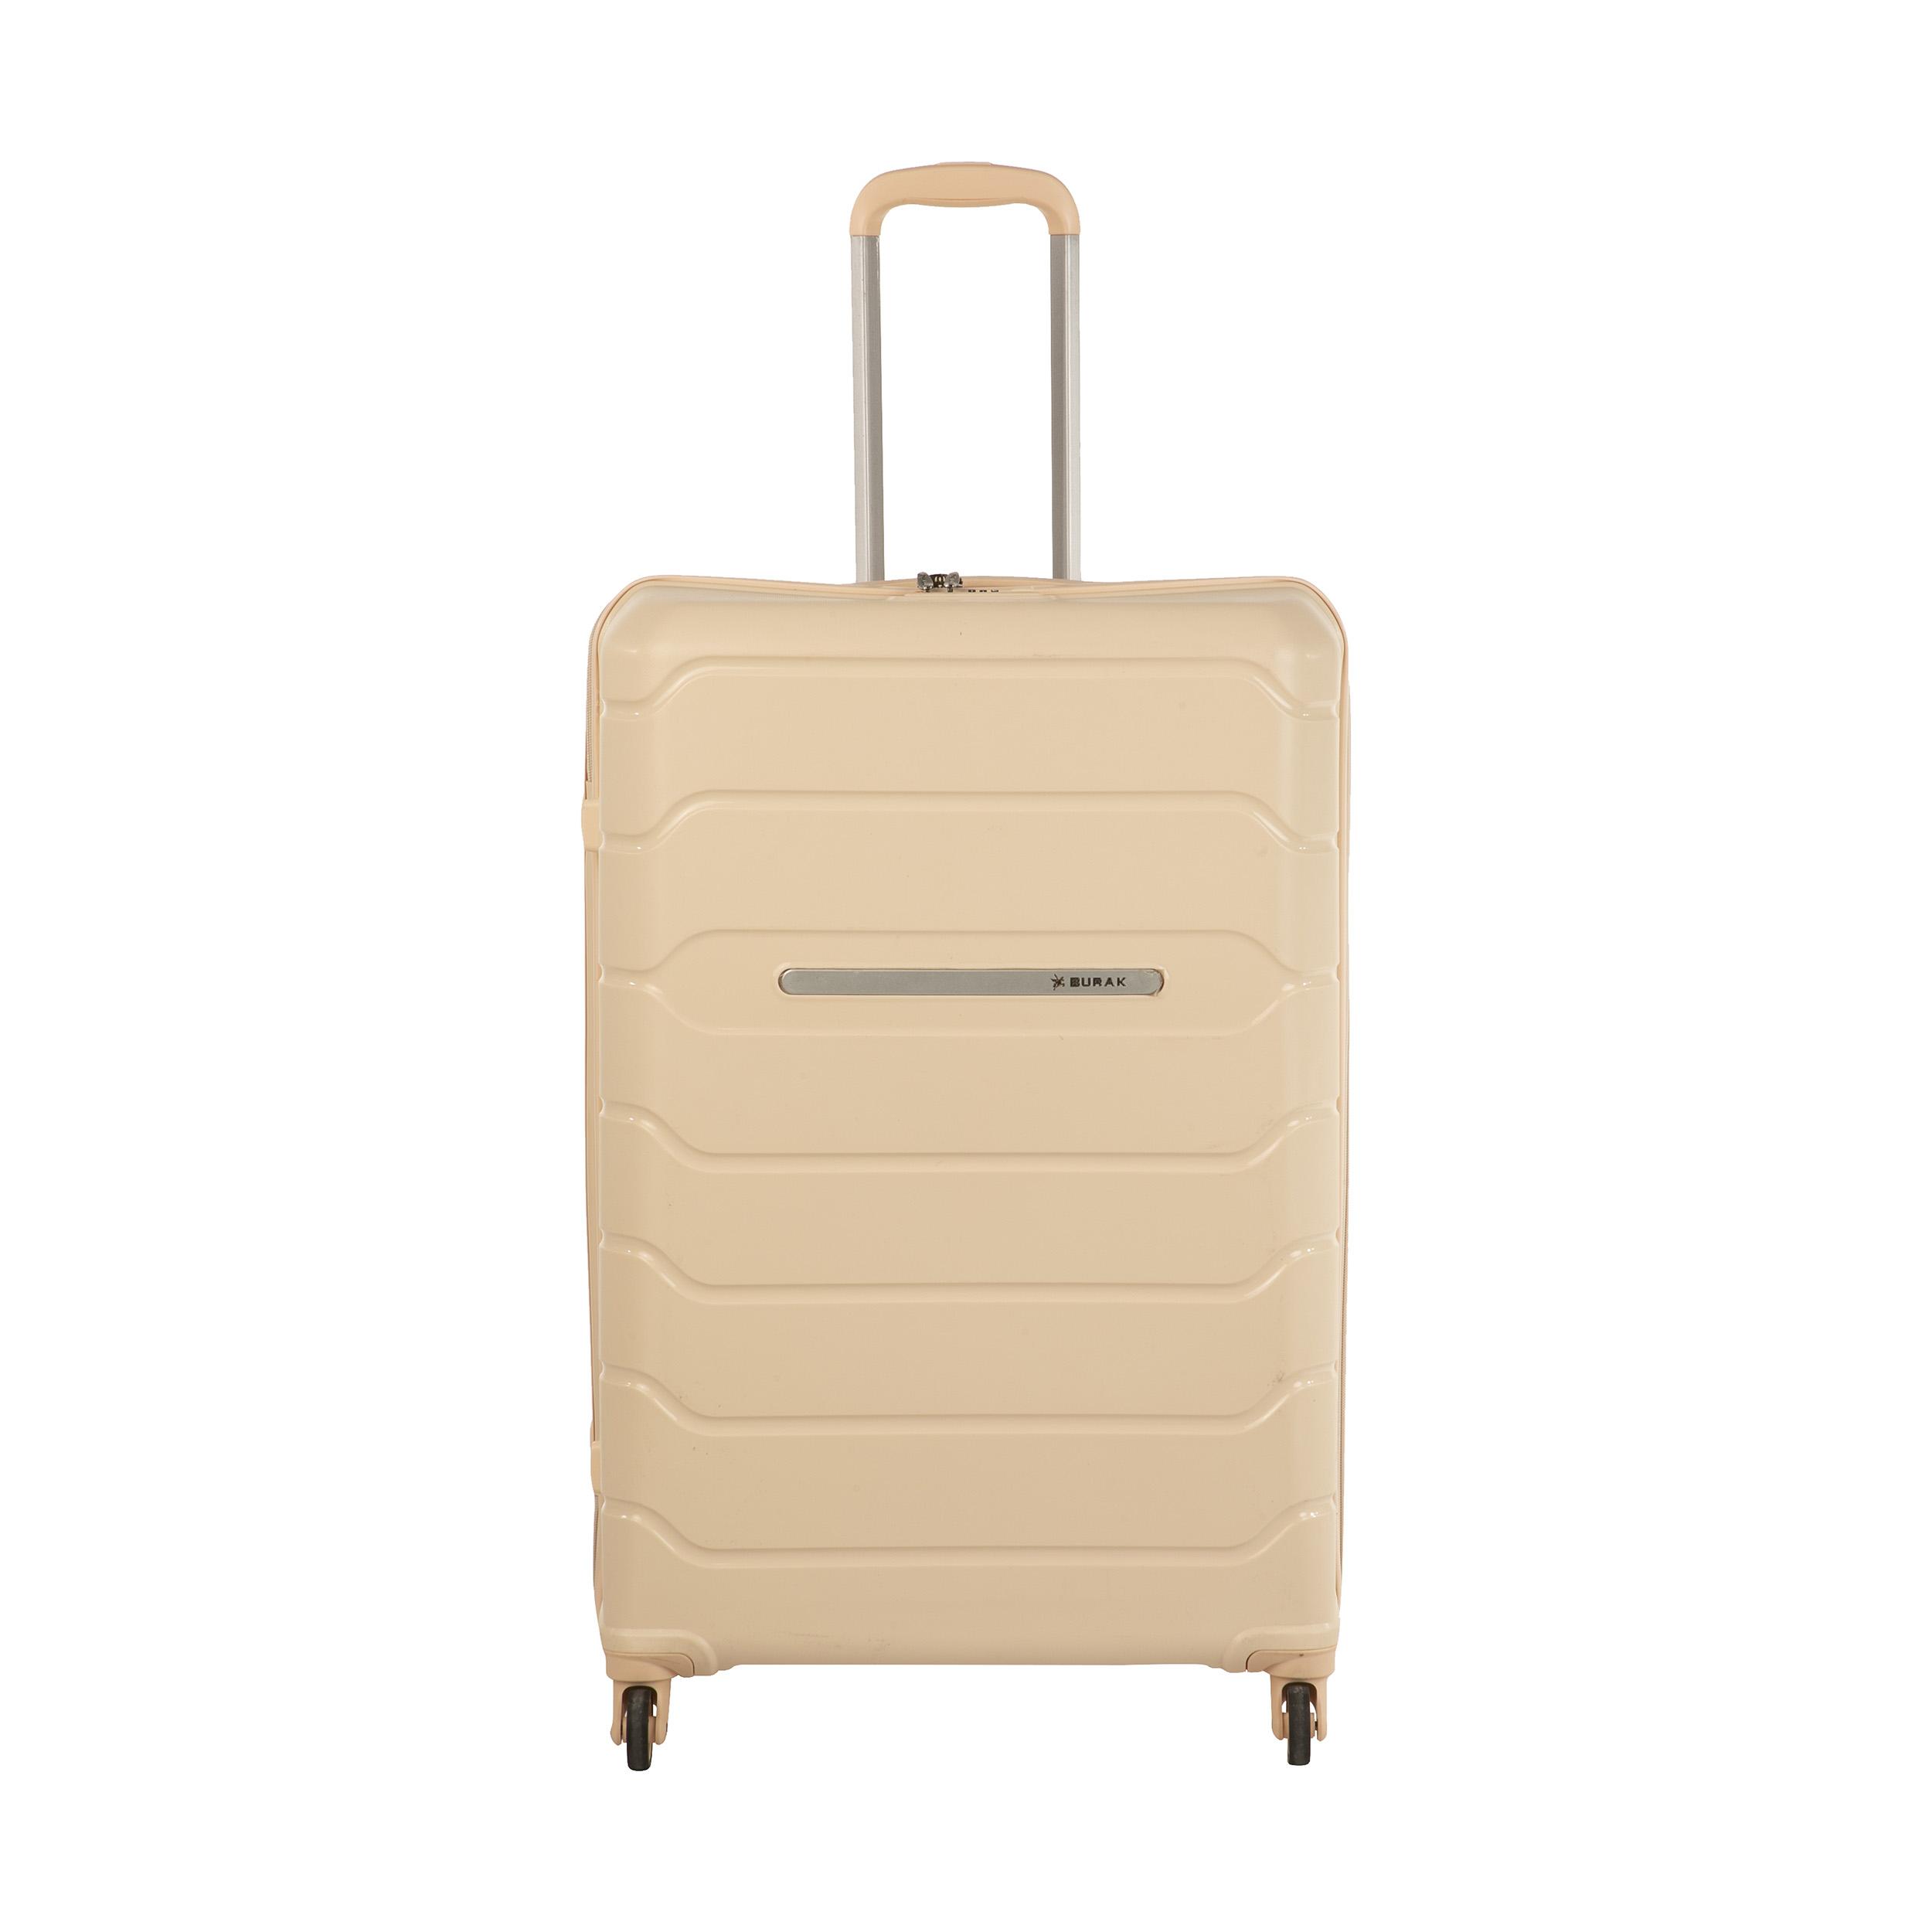 چمدان بوراک مدل PQ-28